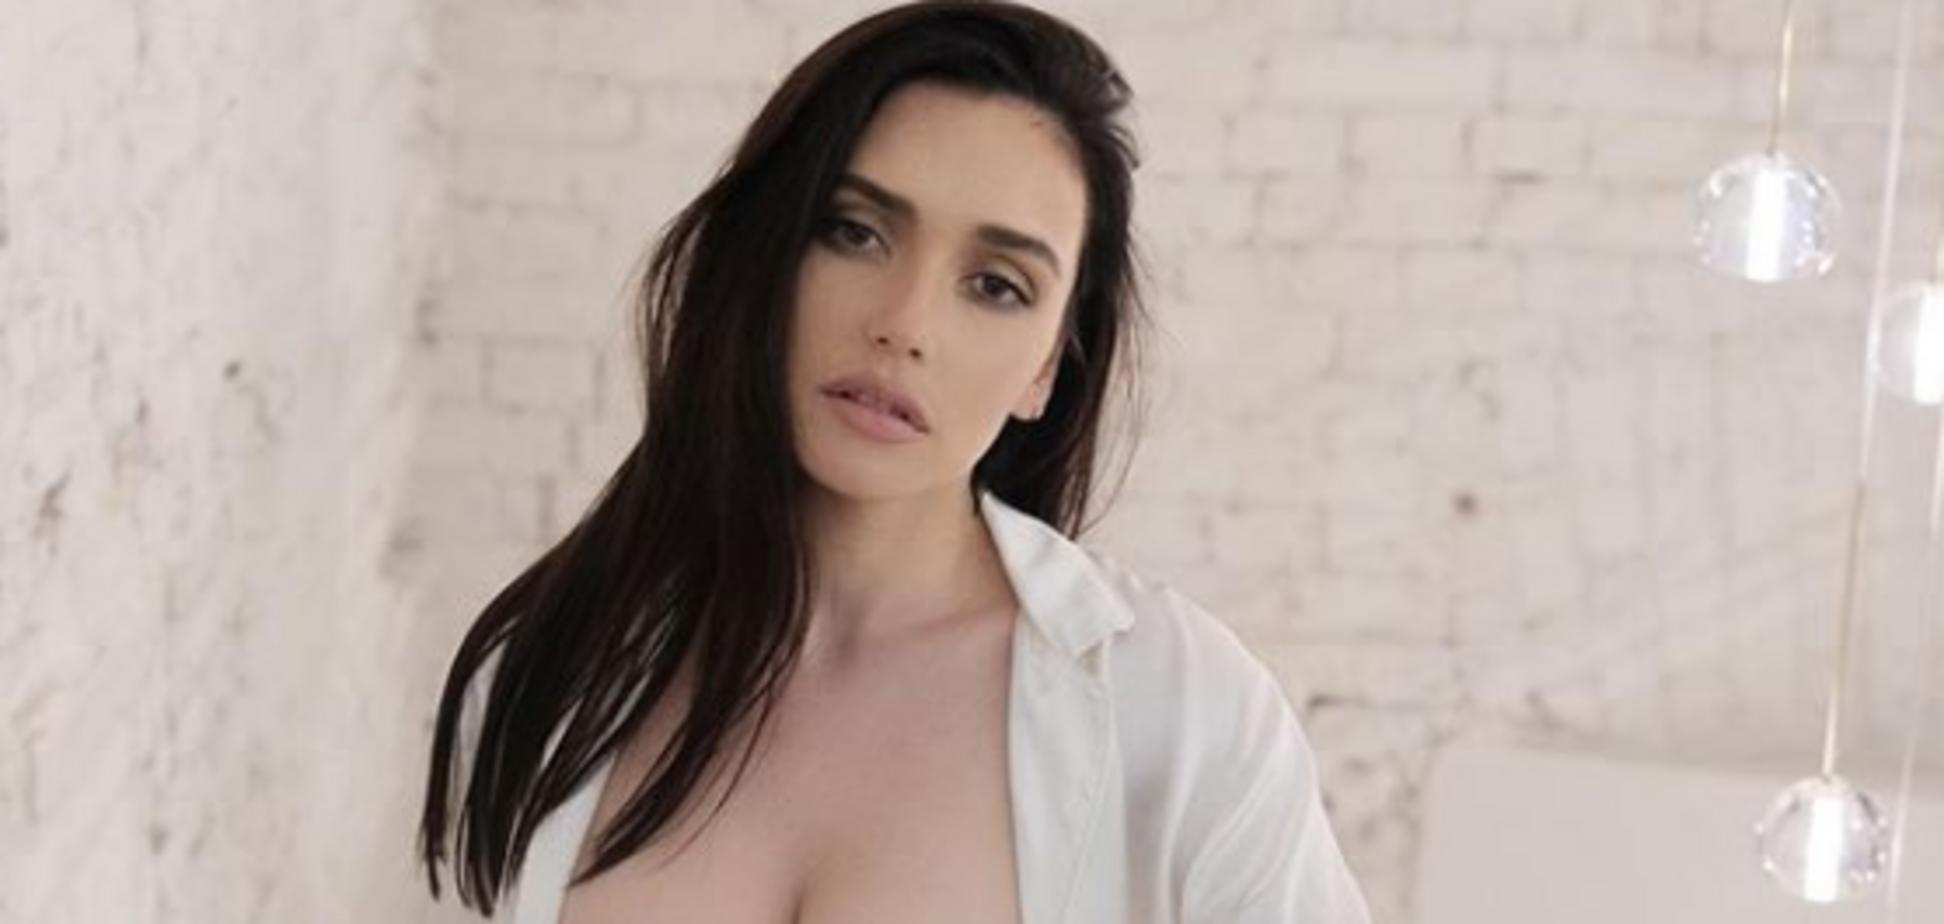 Російська співачка показала голі сідниці на фото: гарячий кадр